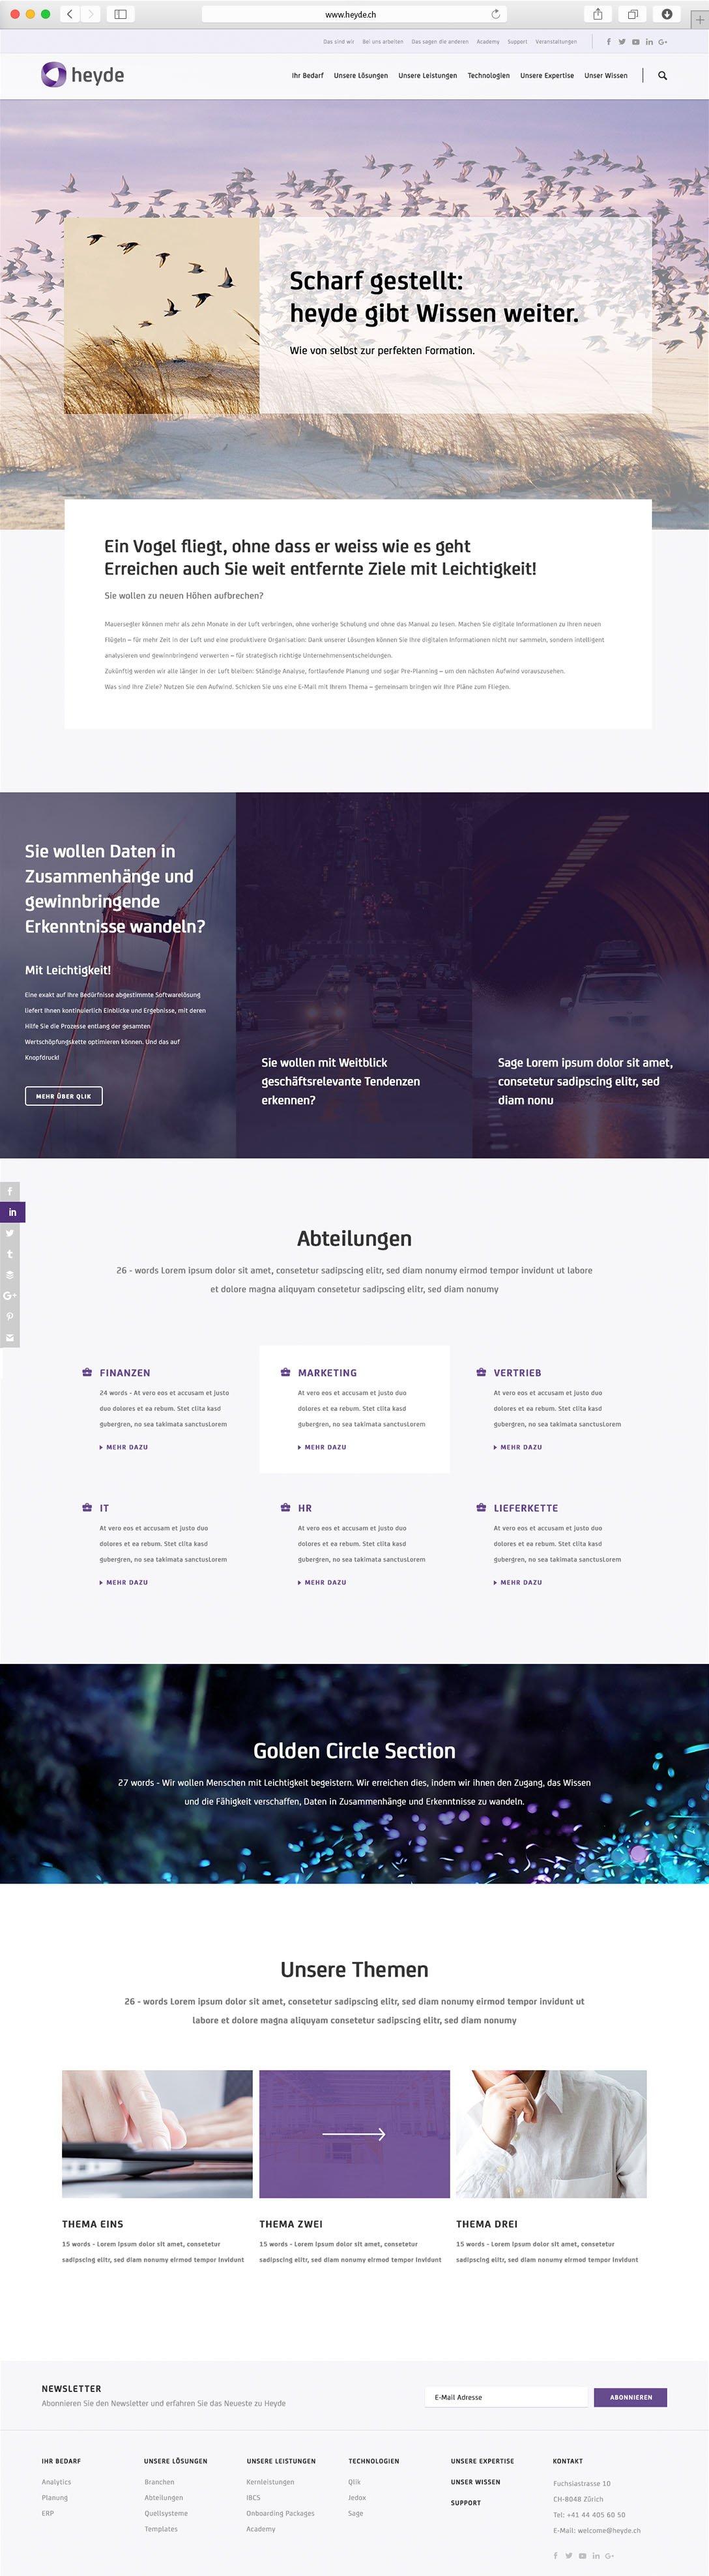 webdesign-bsp-heyde-full